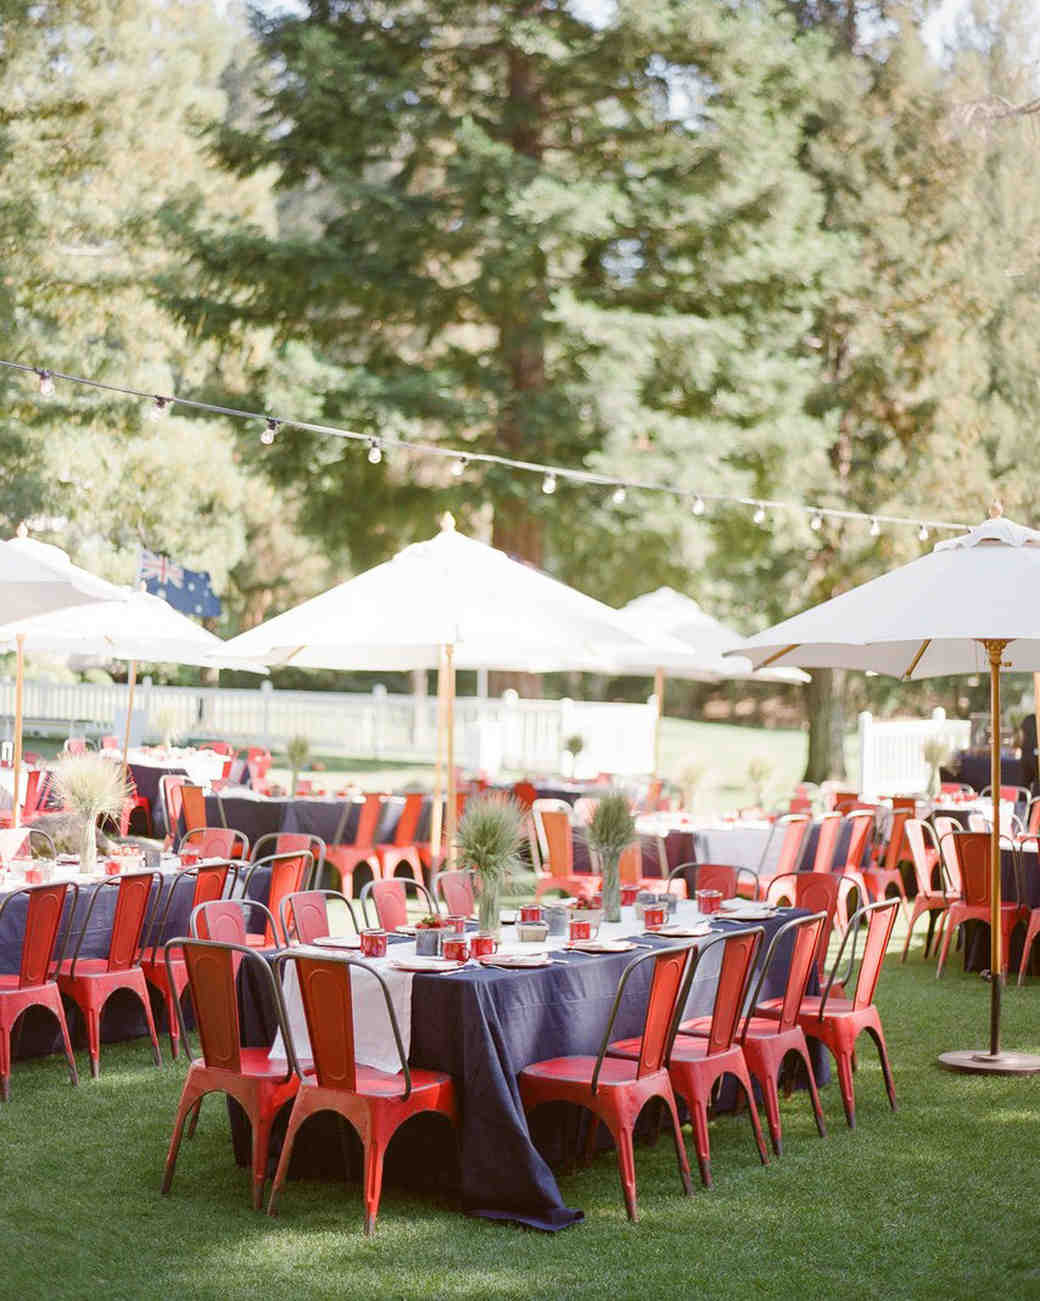 29 festive fourth of july wedding ideas martha stewart weddings. Black Bedroom Furniture Sets. Home Design Ideas